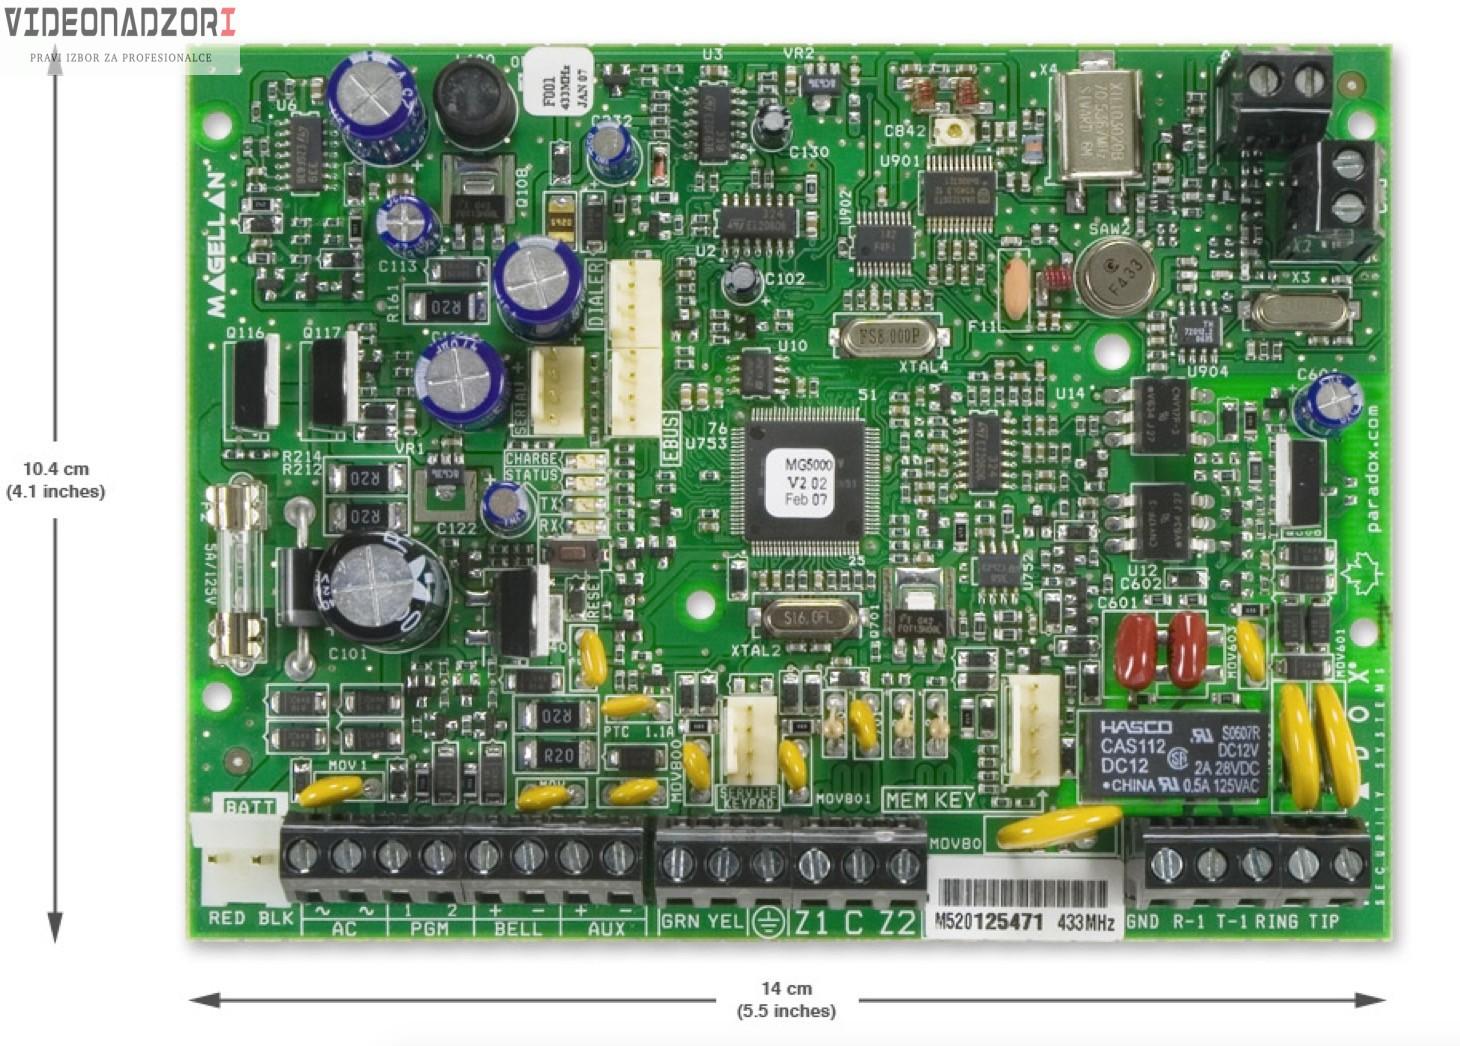 Paradox MG-5050/PCB 433 prodavac VideoNadzori Hrvatska  za samo 1.312,50kn